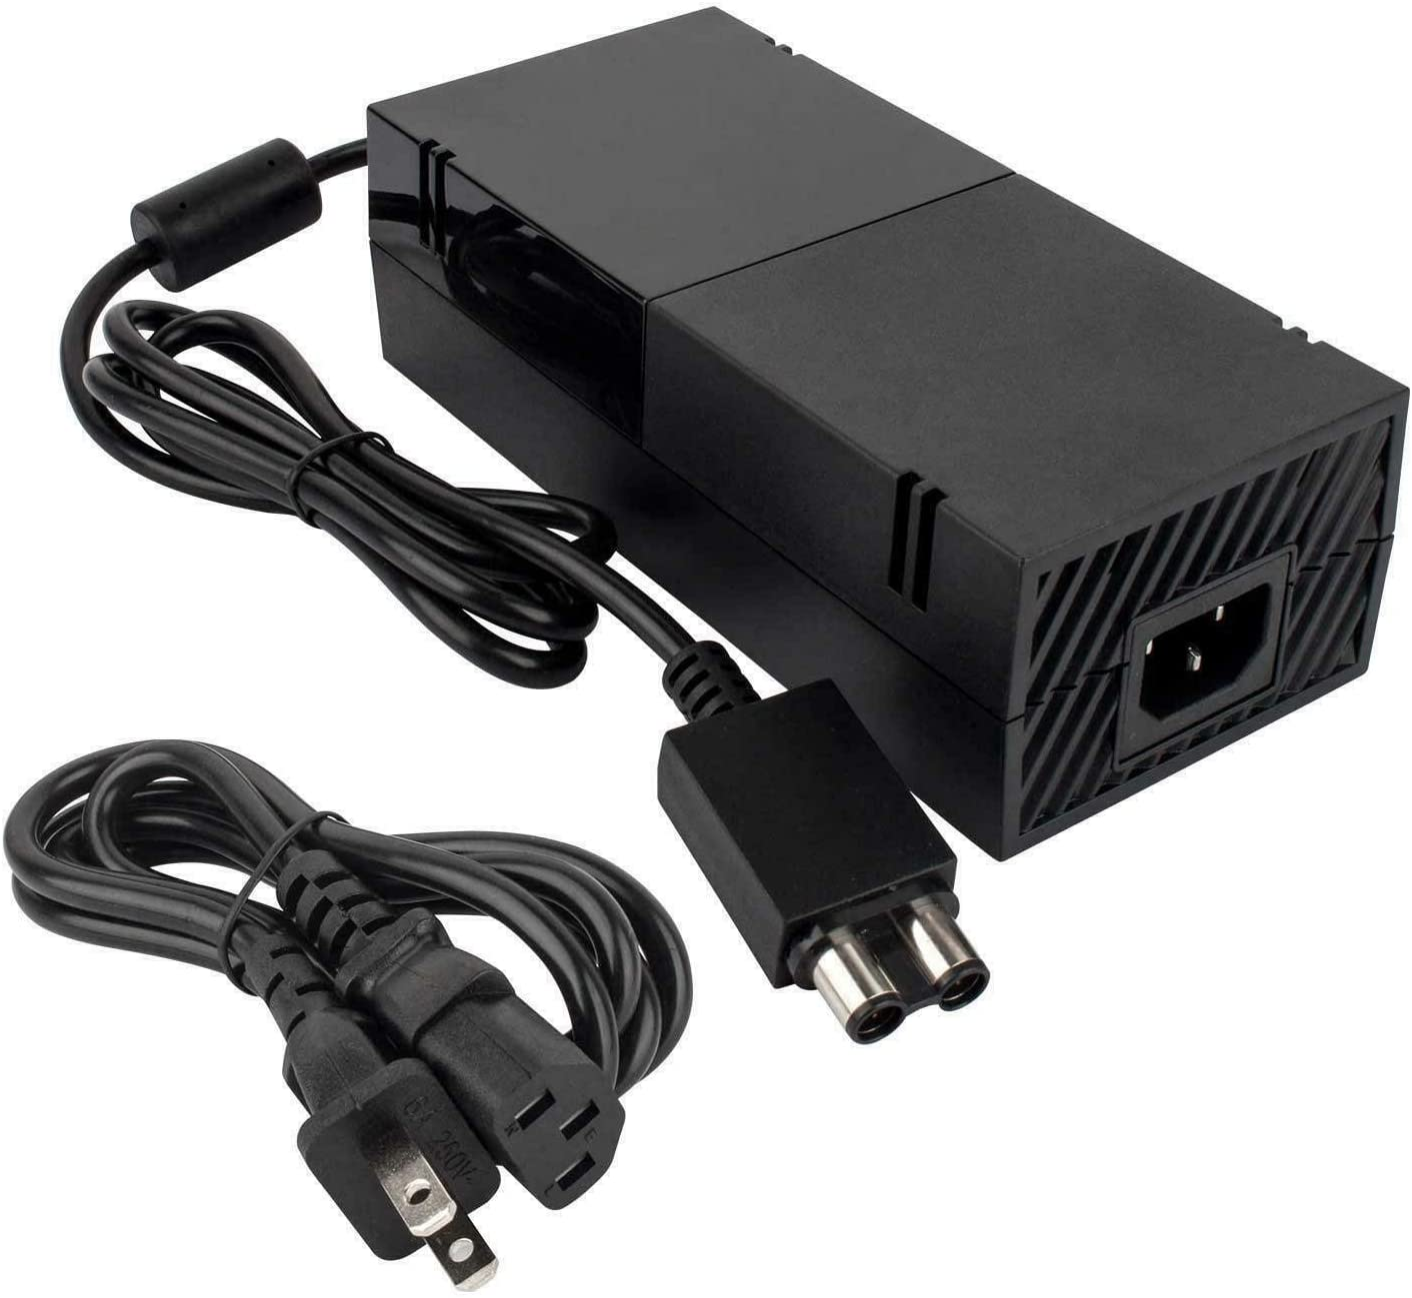 Fuente de alimentación CA para Consola Xbox One, Bloque de ladrillo, 200 W: Amazon.es: Electrónica